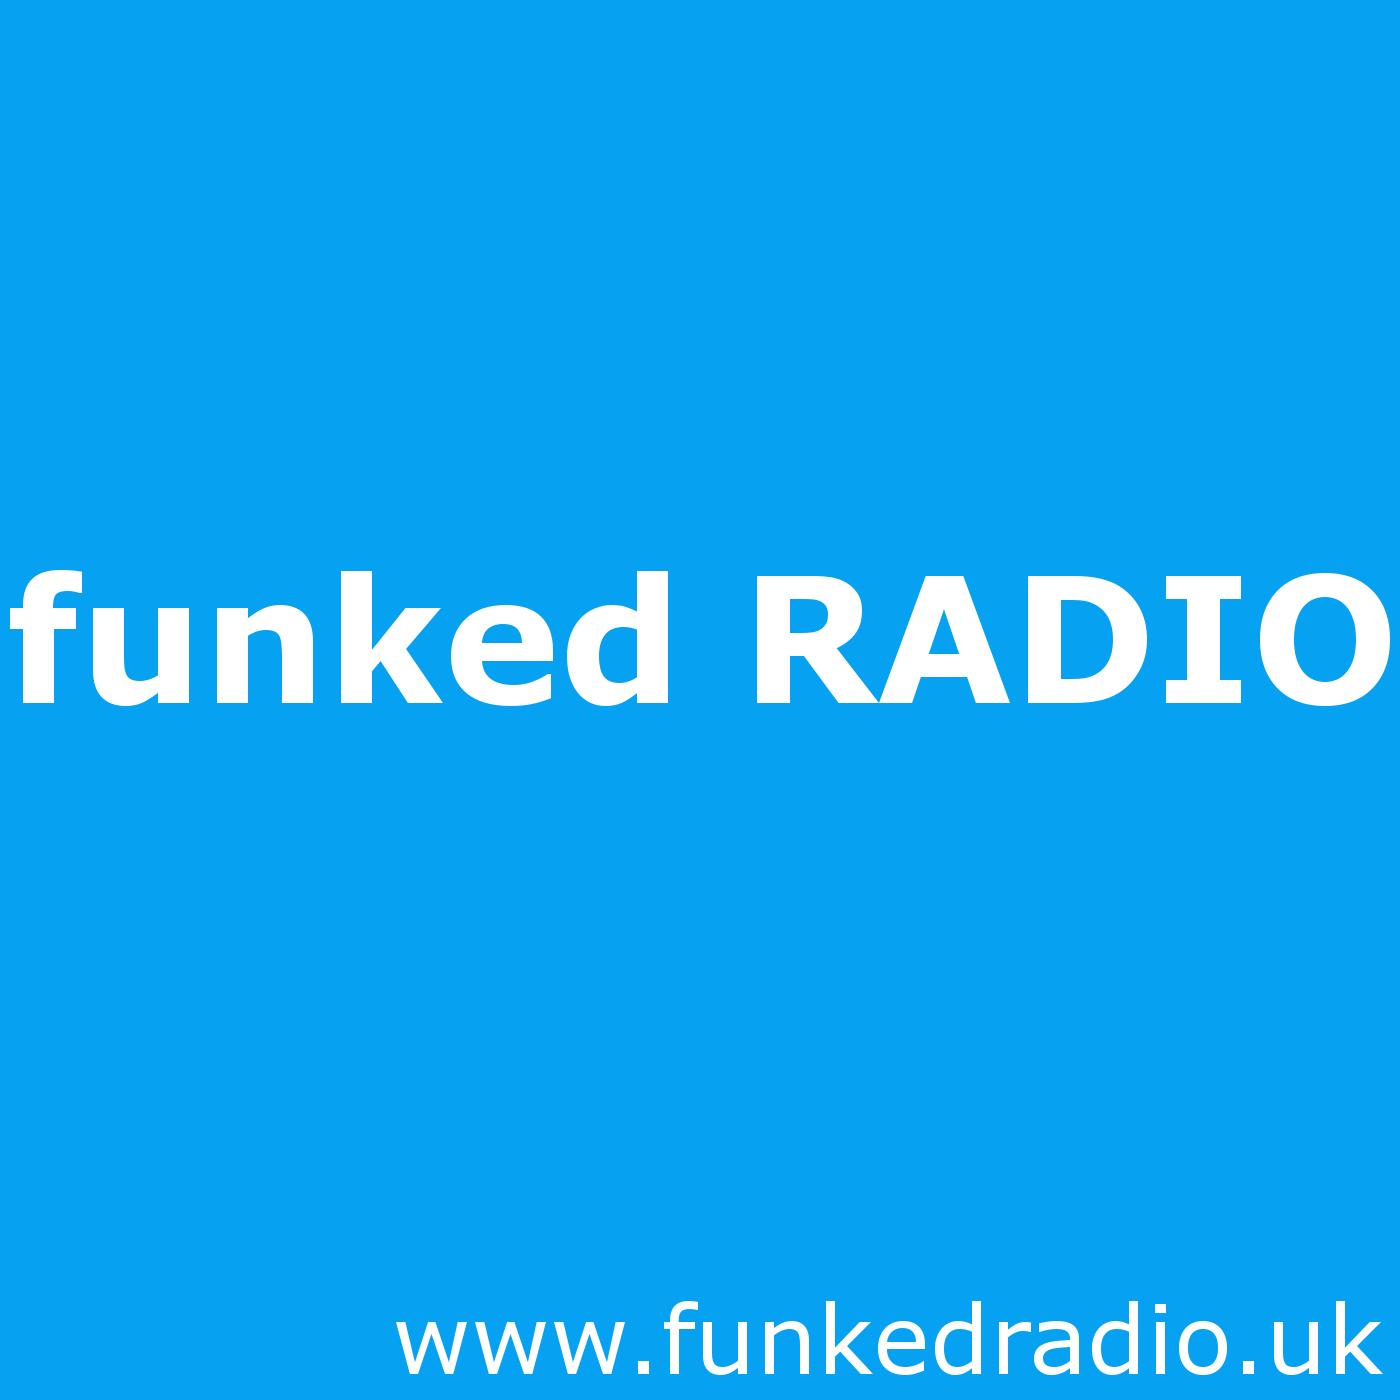 funked RADIO